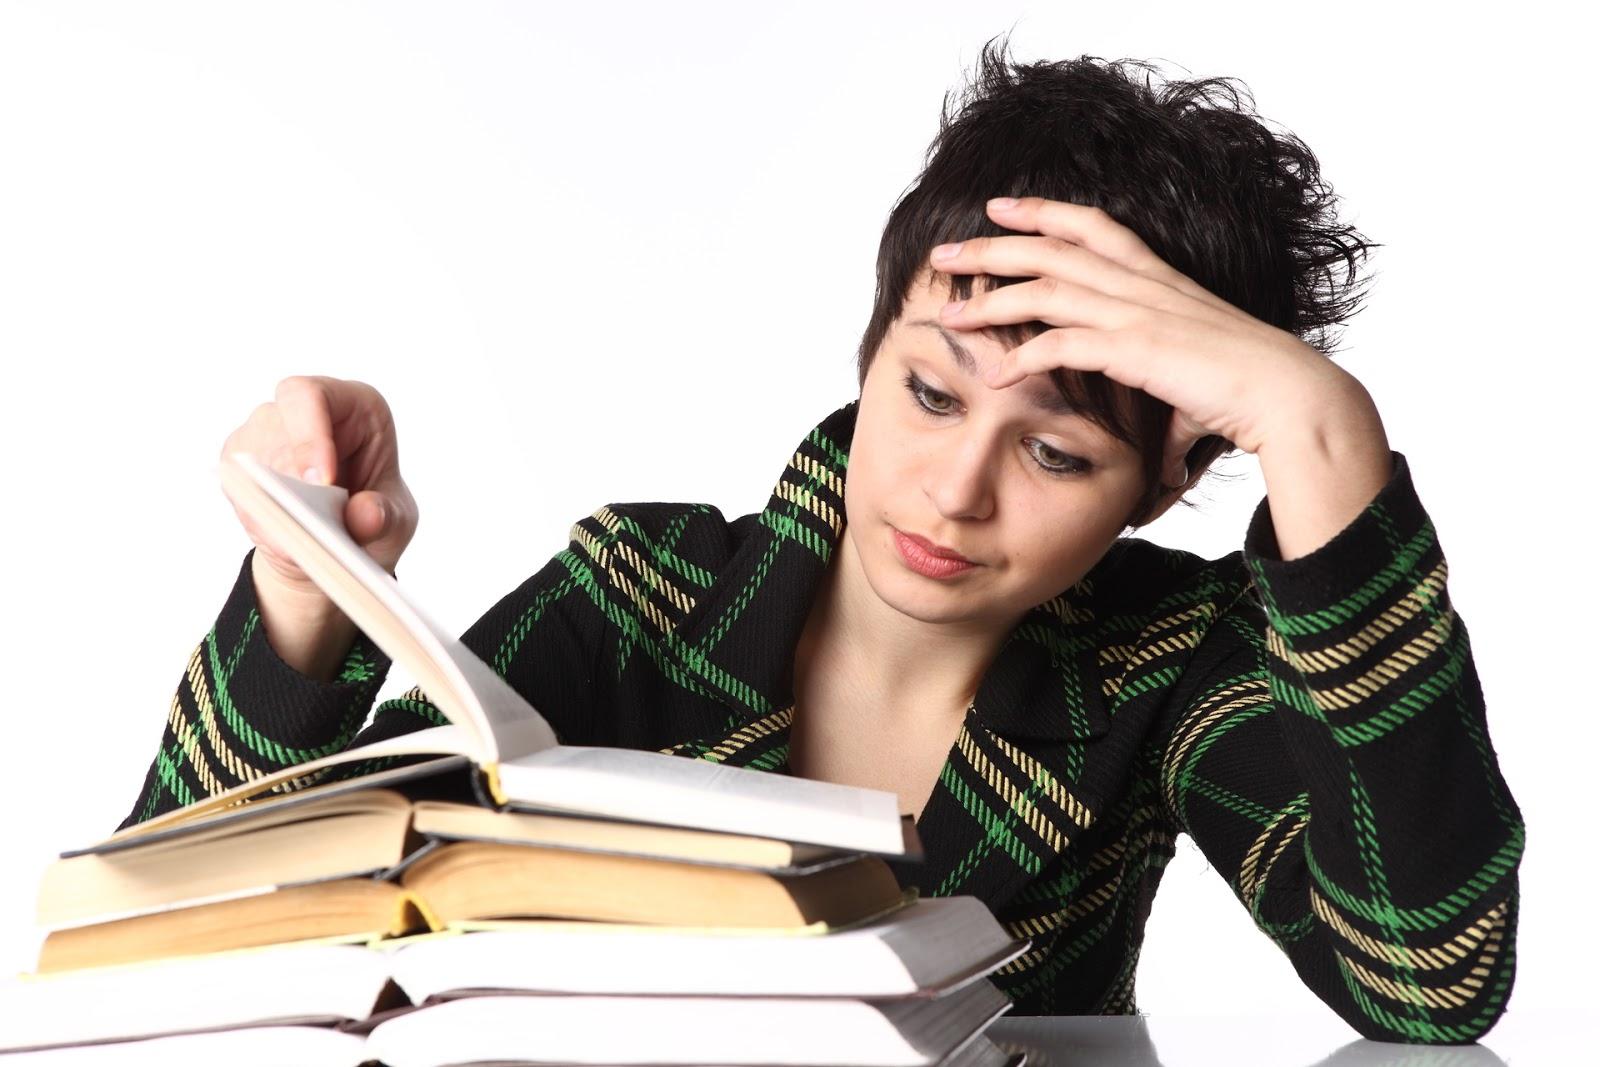 Phd dissertation in management